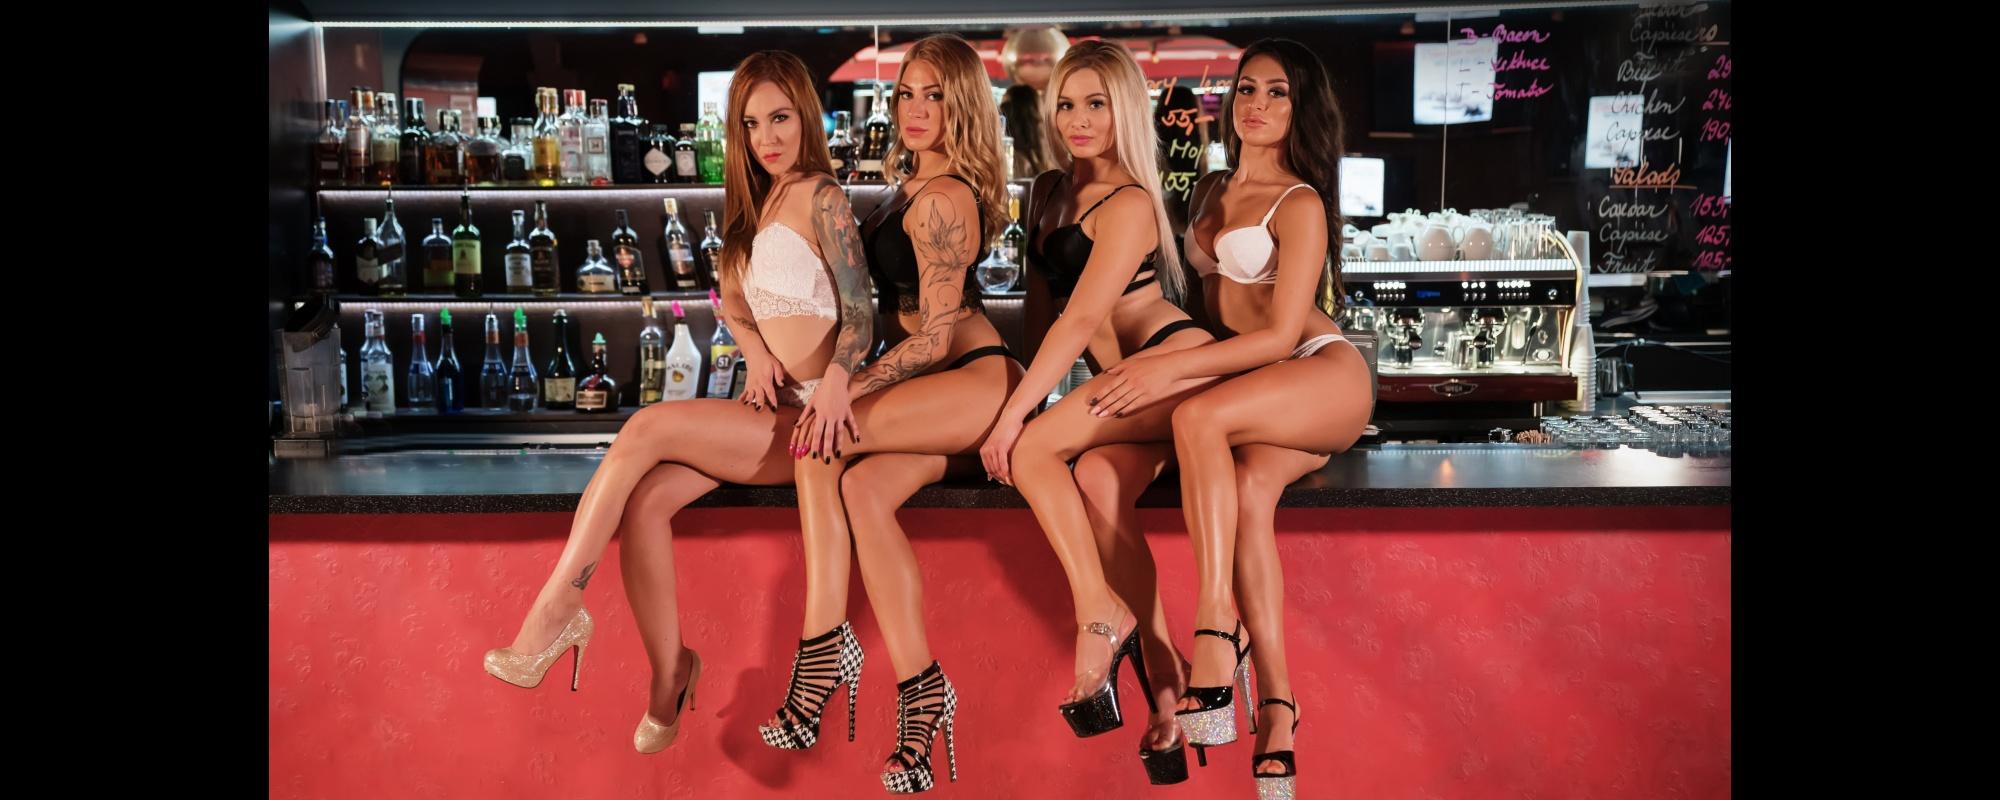 Escort girls Paris